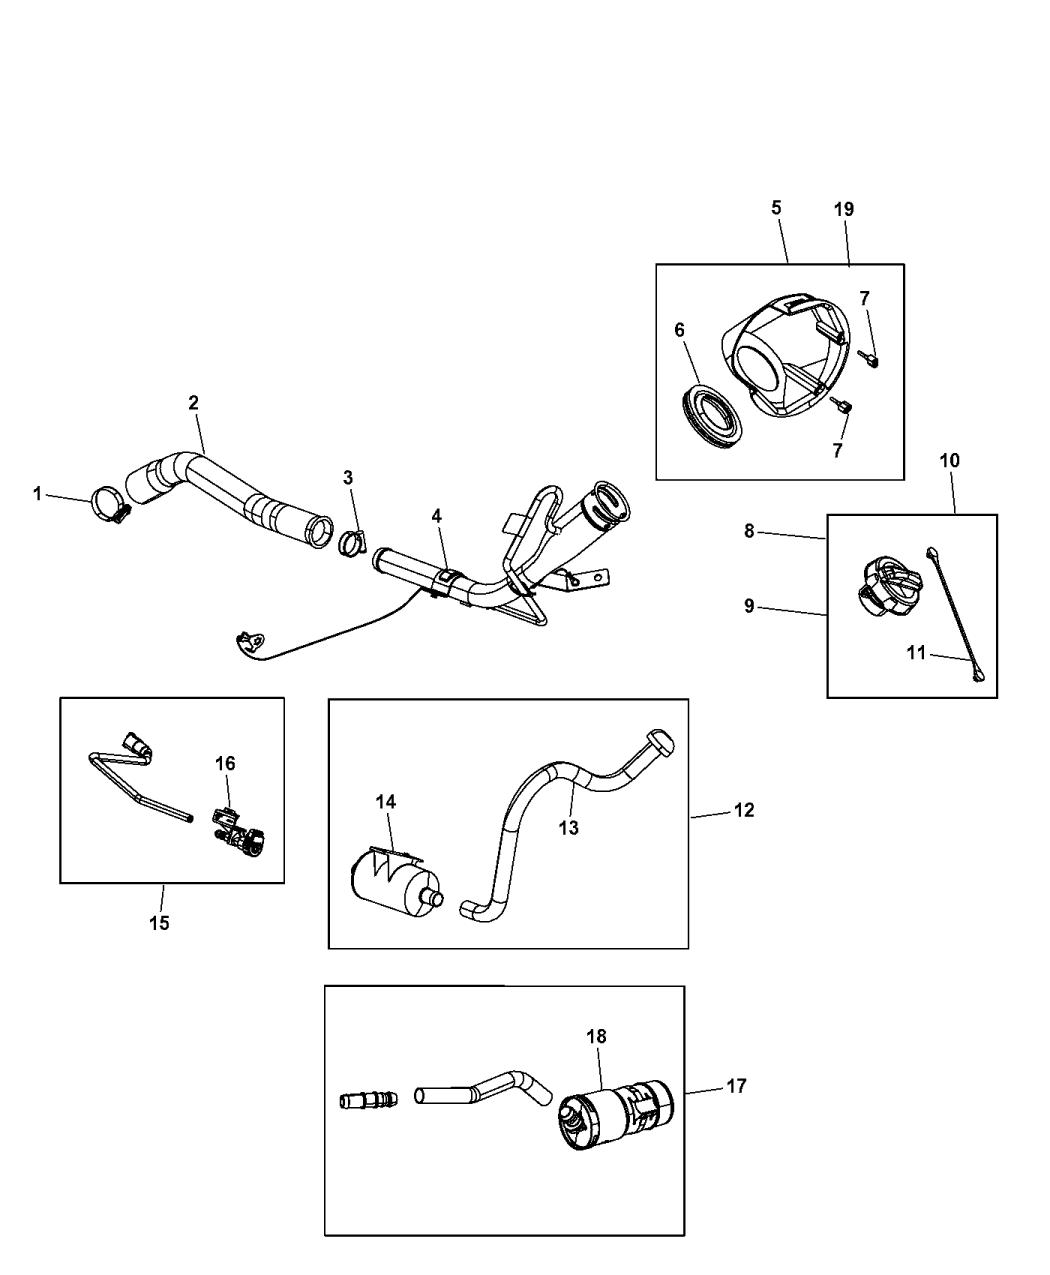 Fuel Vapor Leak Detection Pump Filter Mopar 04891561AA